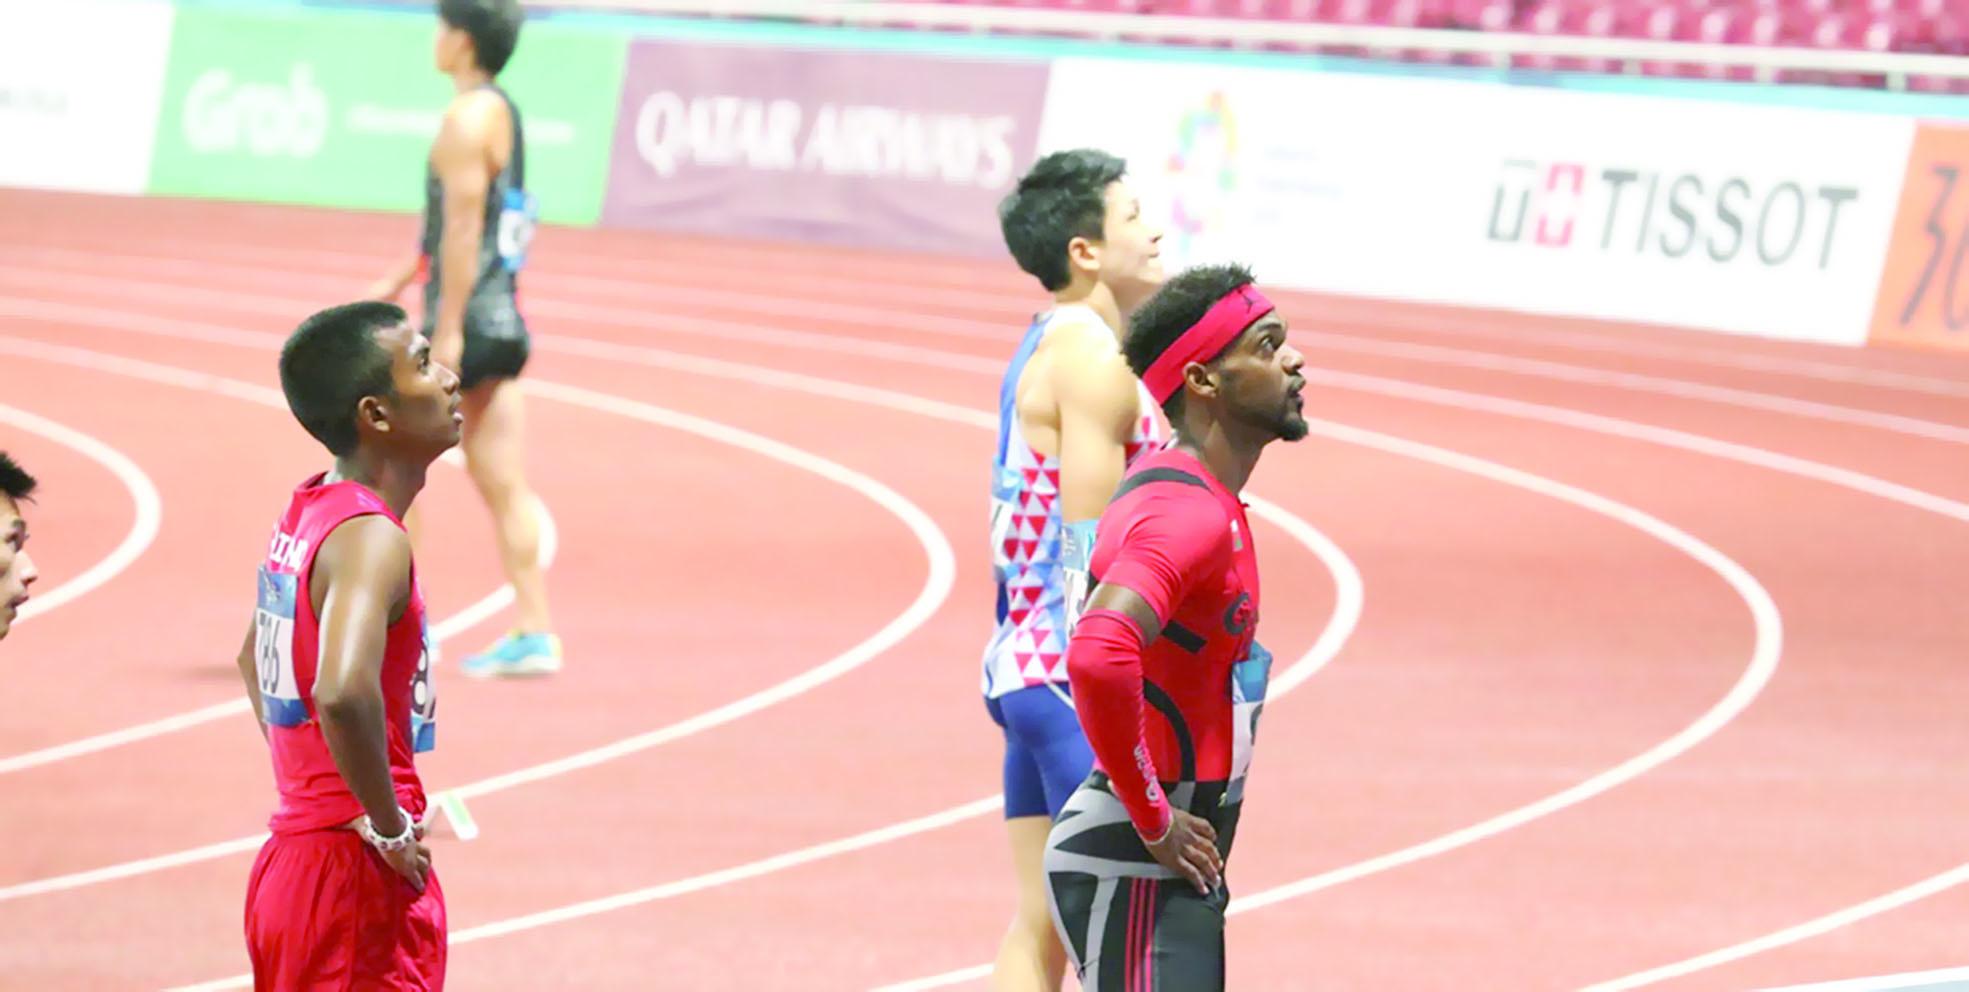 في دورة الألعاب الآسيويةالحارثي يودع و«الشراعي»يدخل أجواء المنافسة